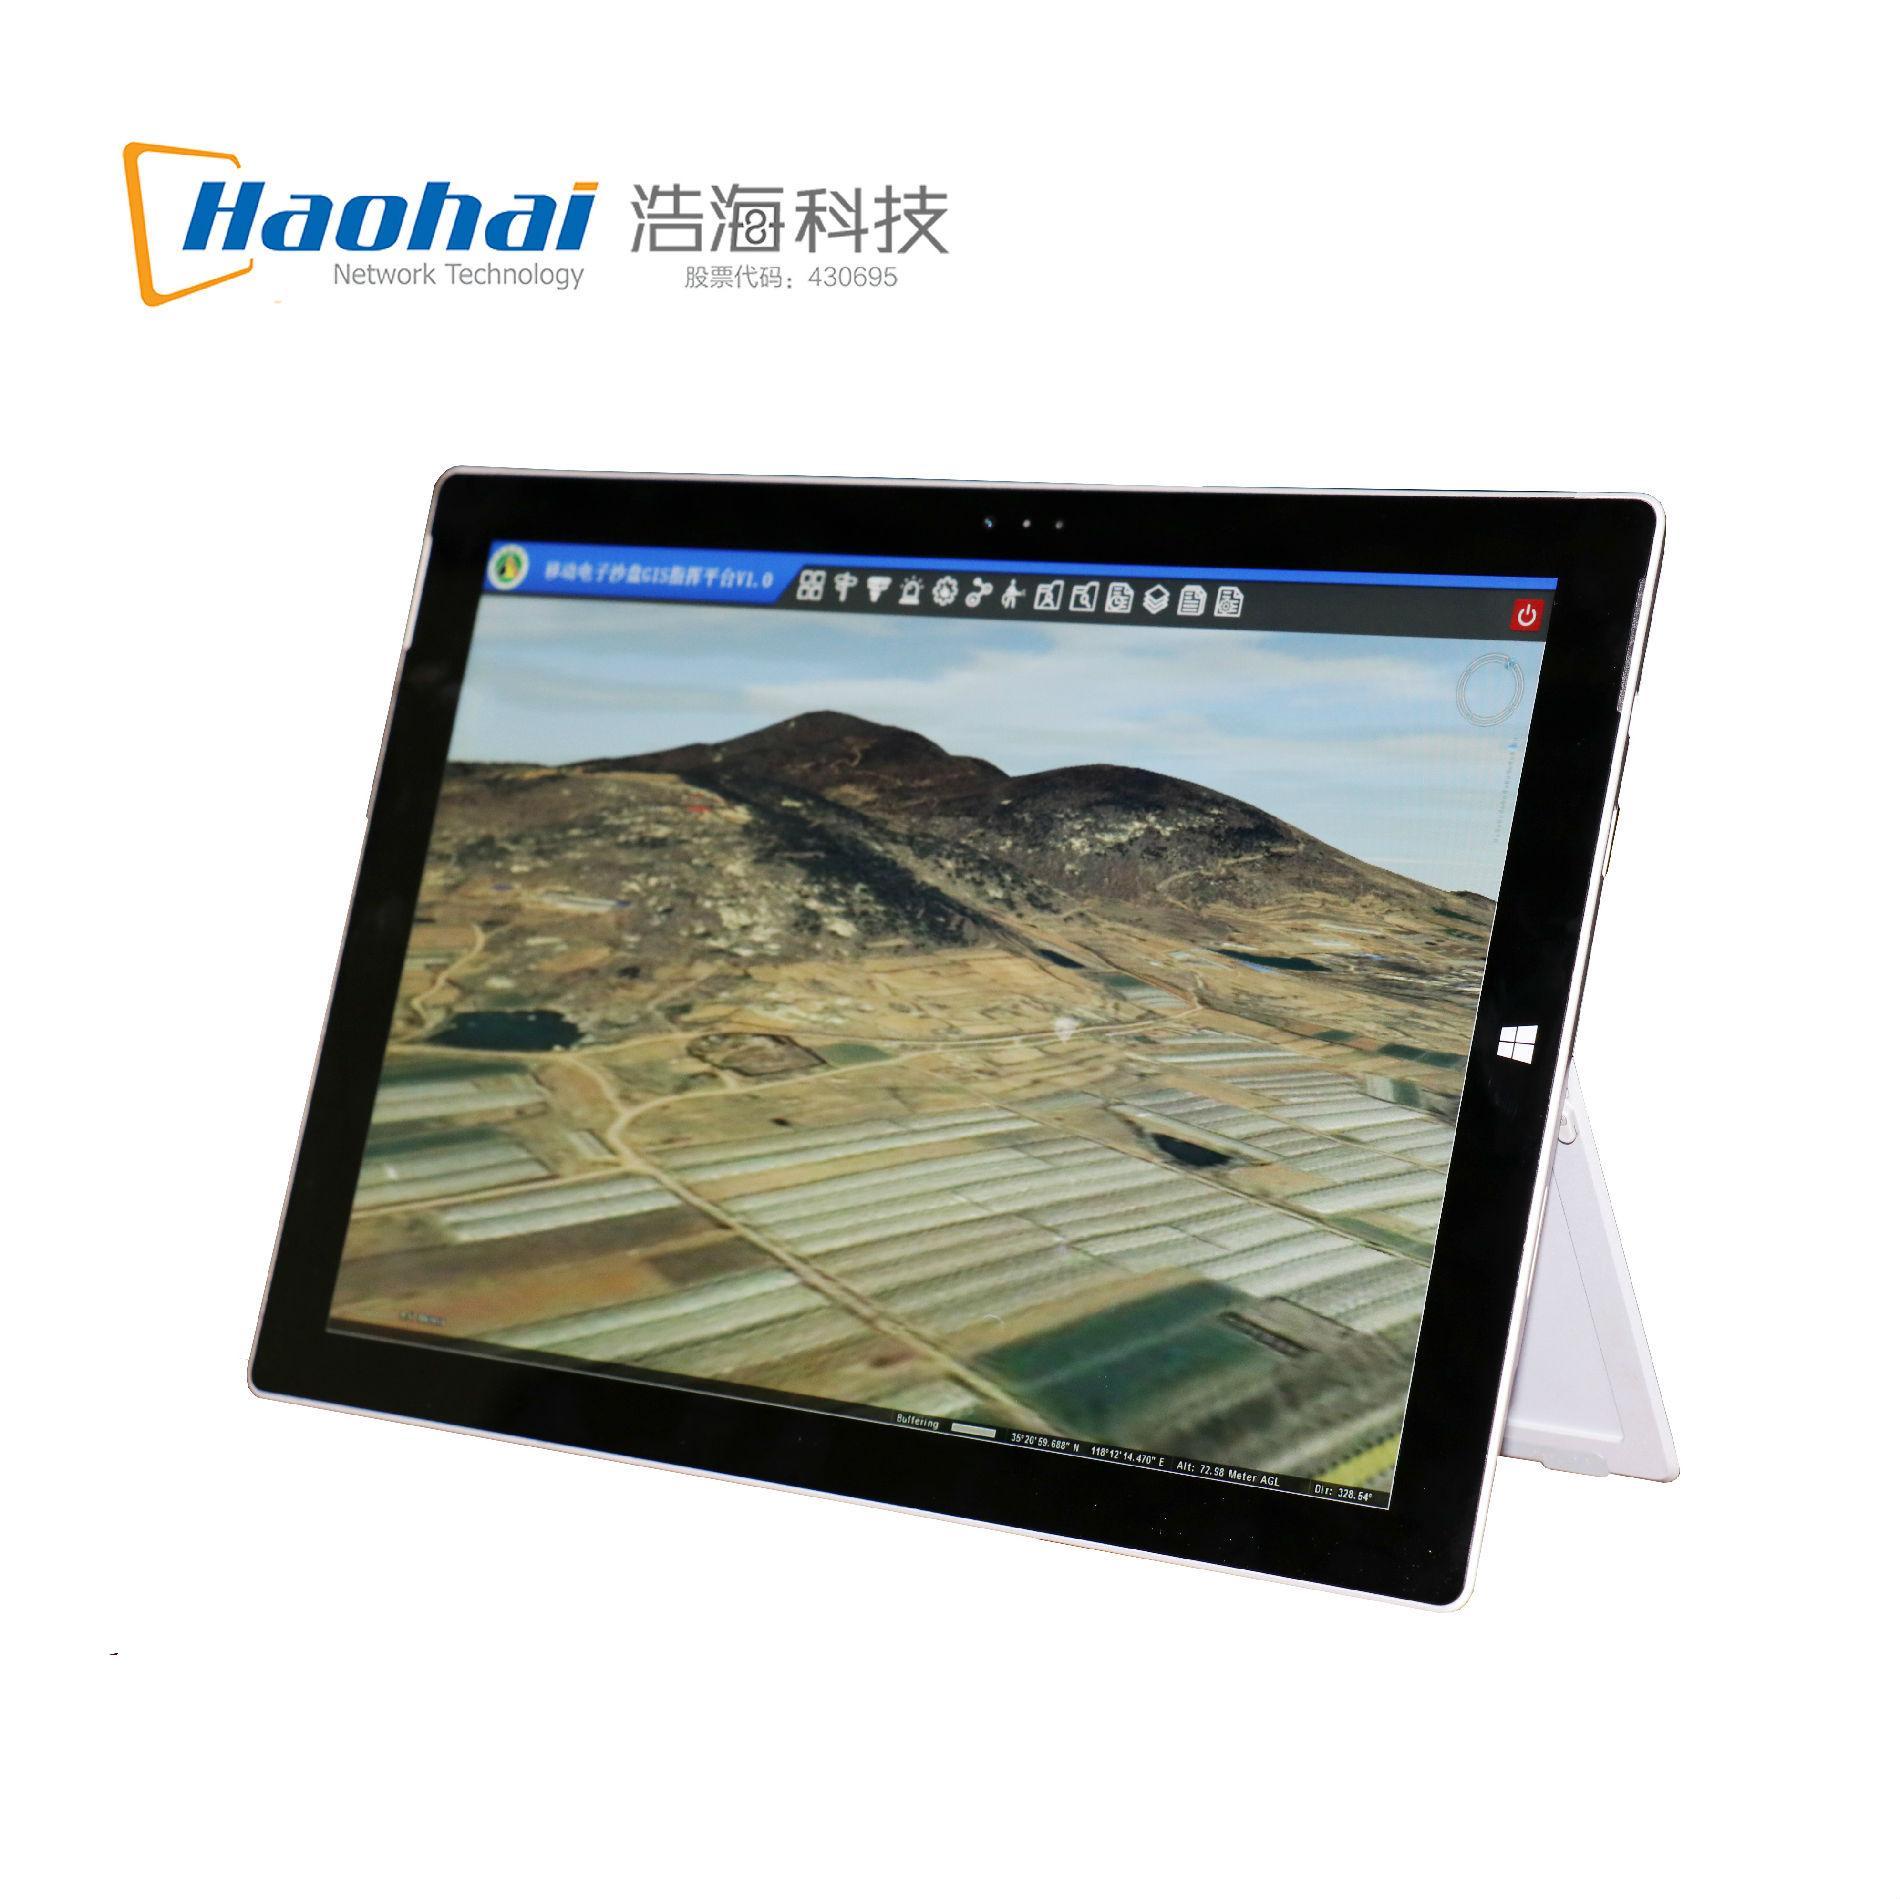 浩海移动电子沙盘GIS指挥平台